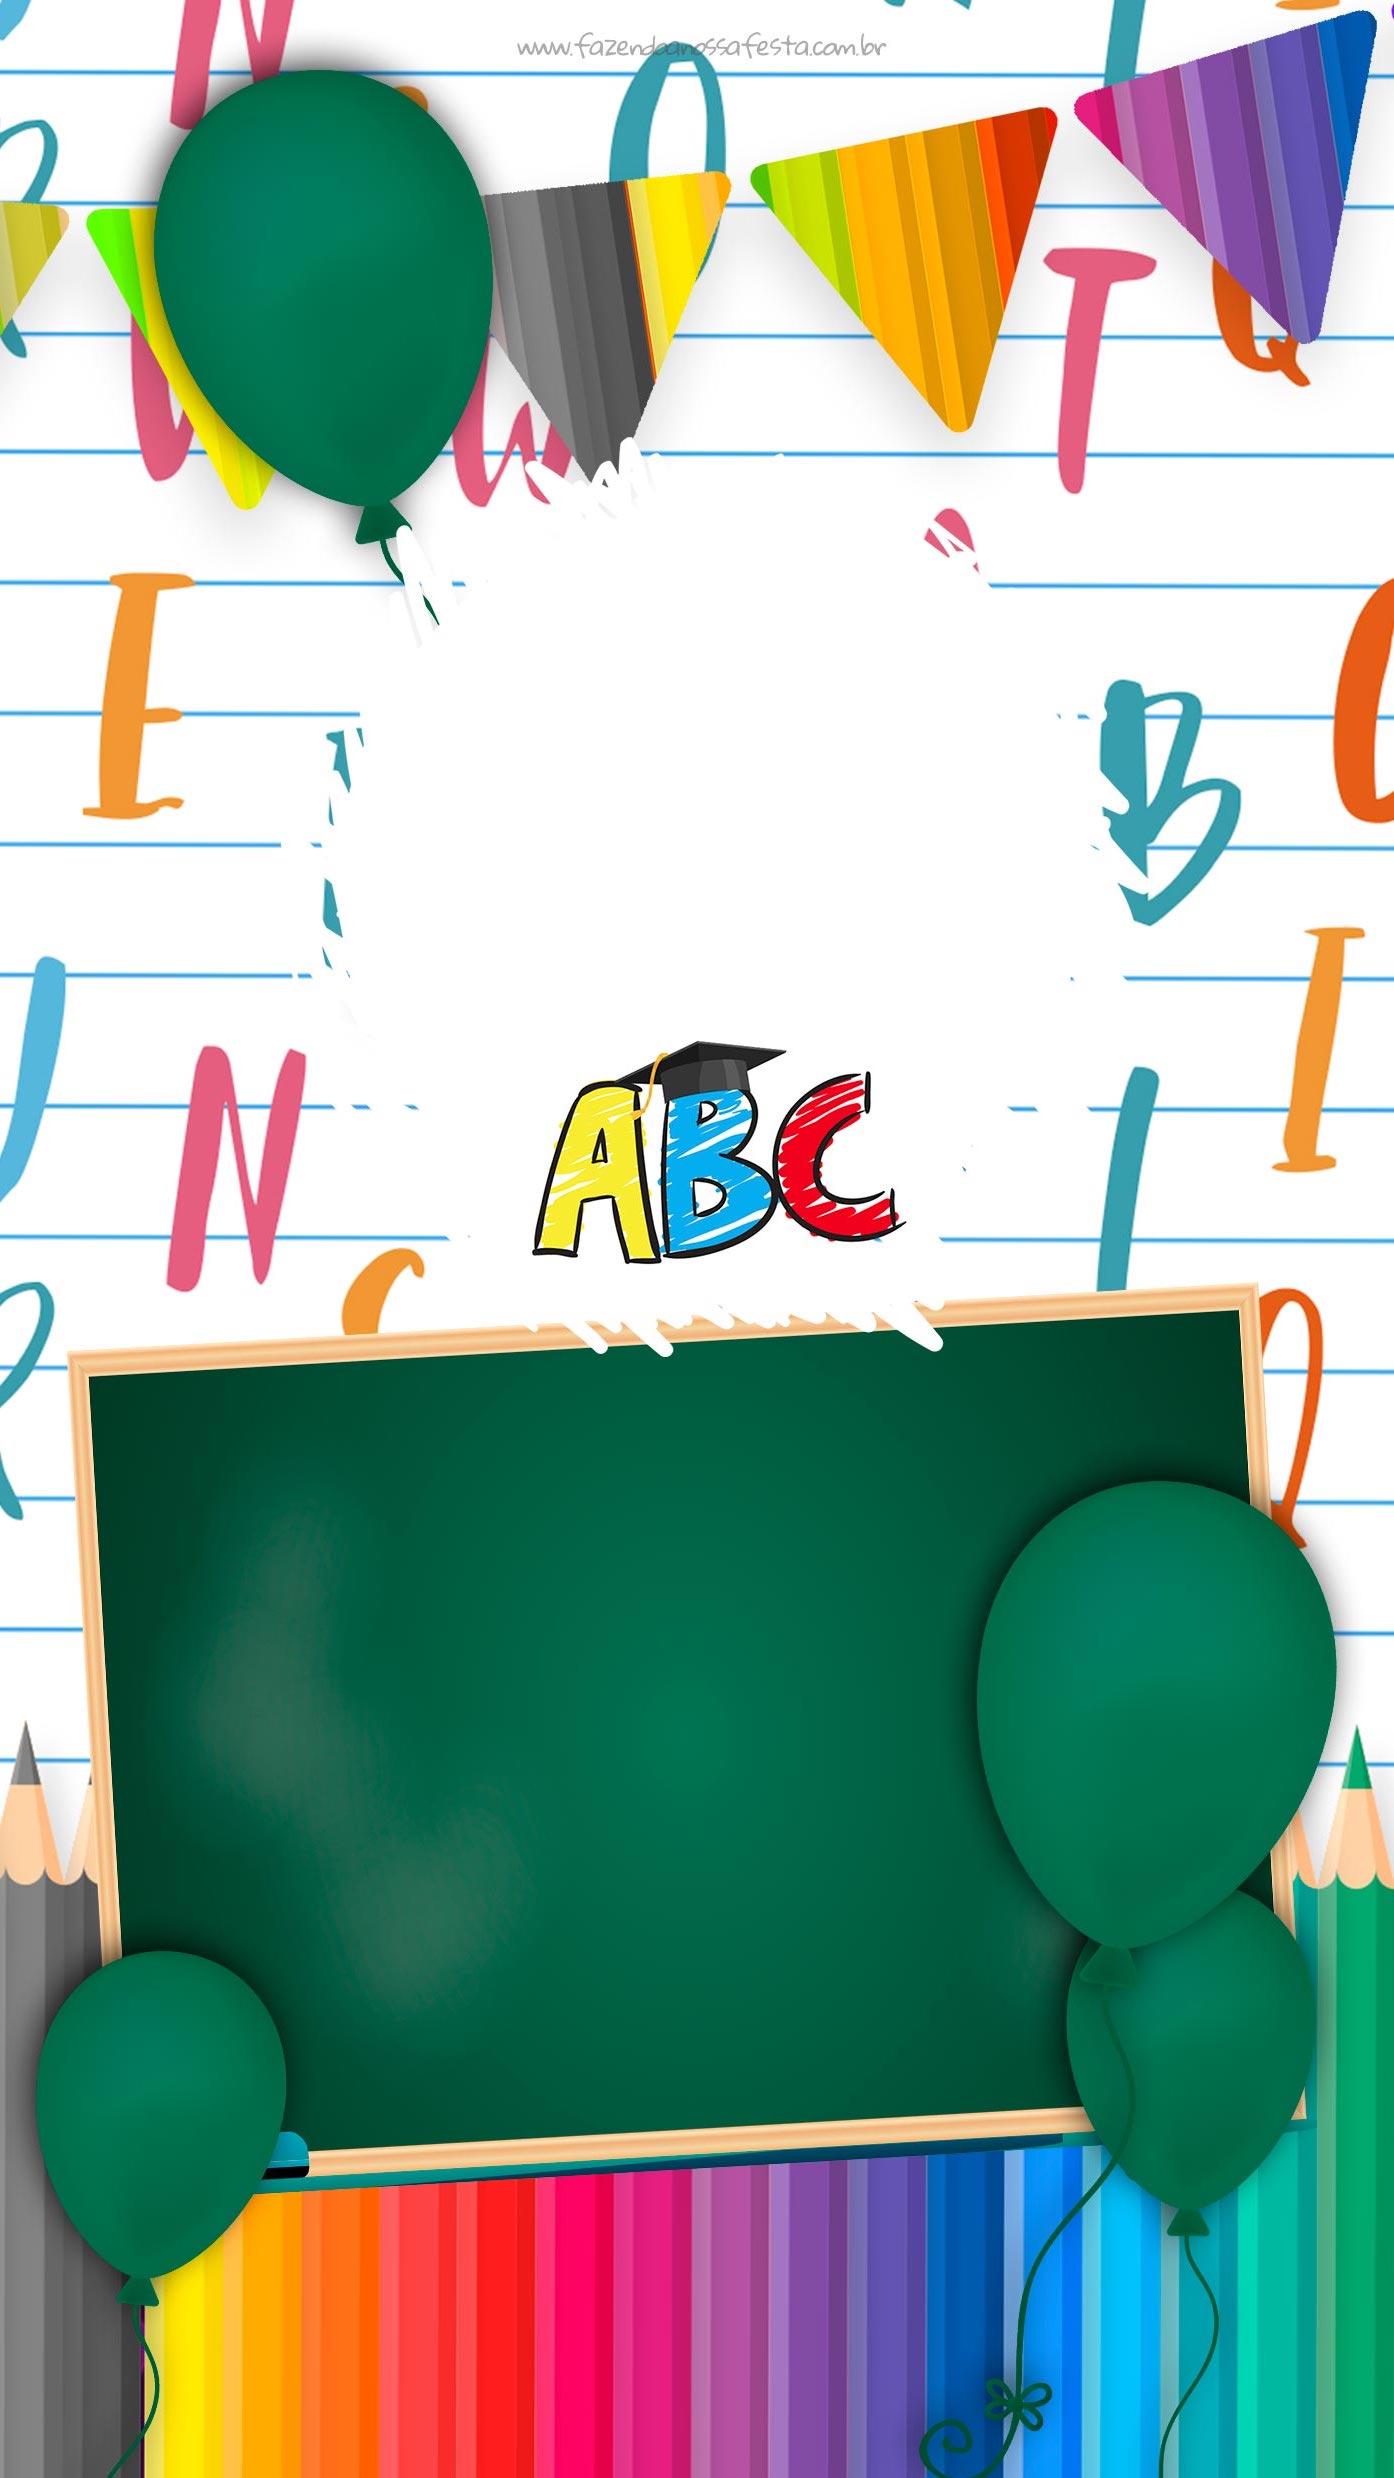 Convite Virtual Formatura do ABC